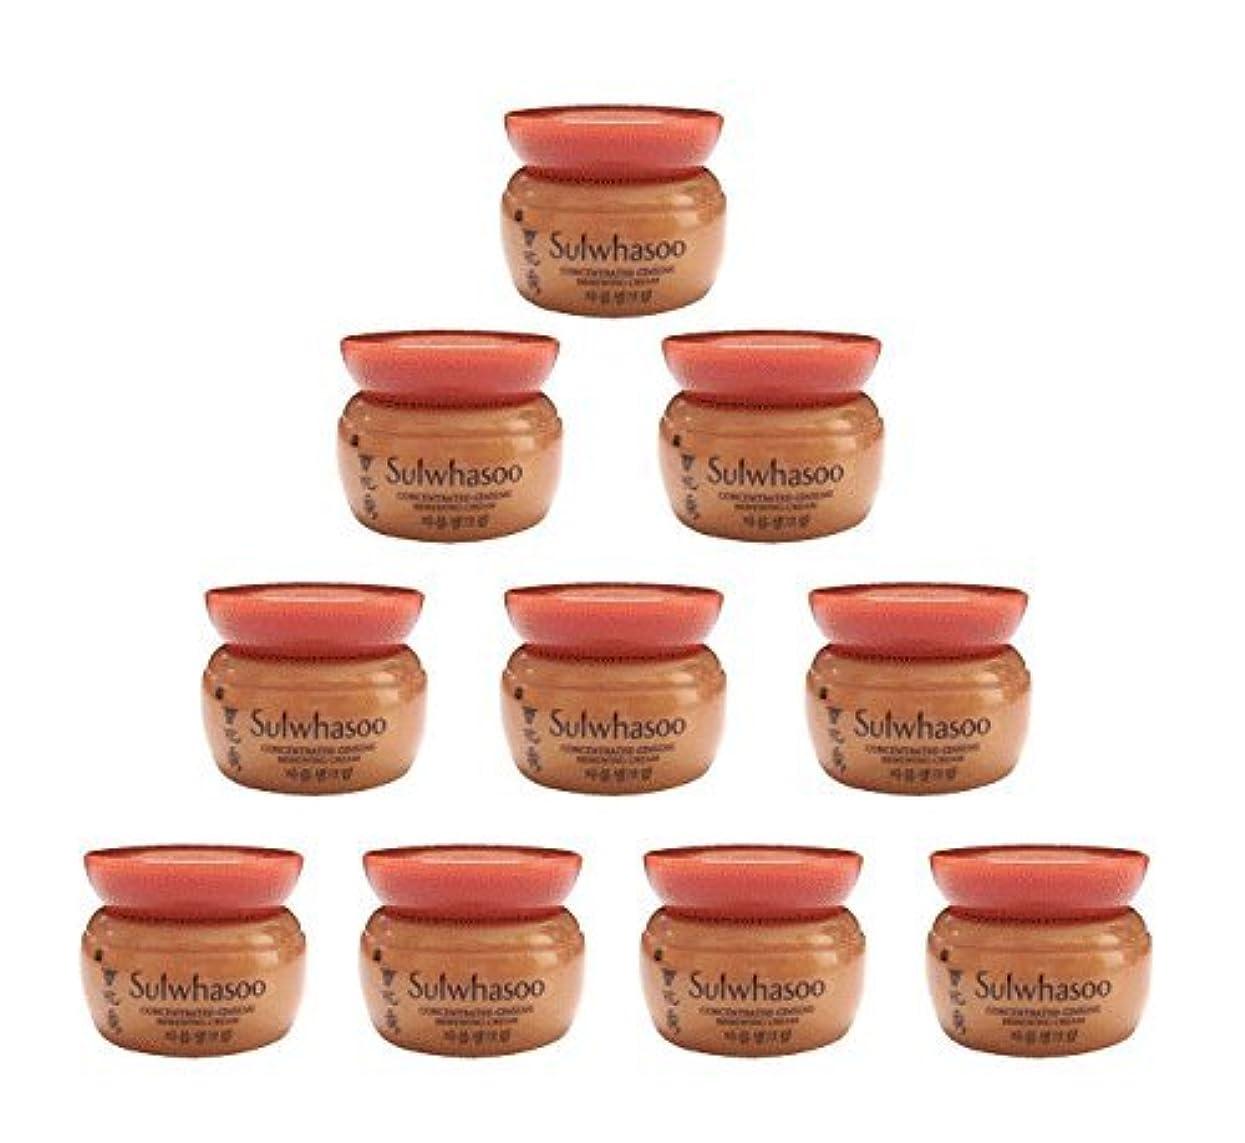 不毛のクリエイティブ脅かす【ソルファス 雪花秀 Sulwhasoo】 Concentrated Ginseng Renewing Cream(50ml) 5ml x 10個 韓国化粧品 ブランドのサンプル [並行輸入品]